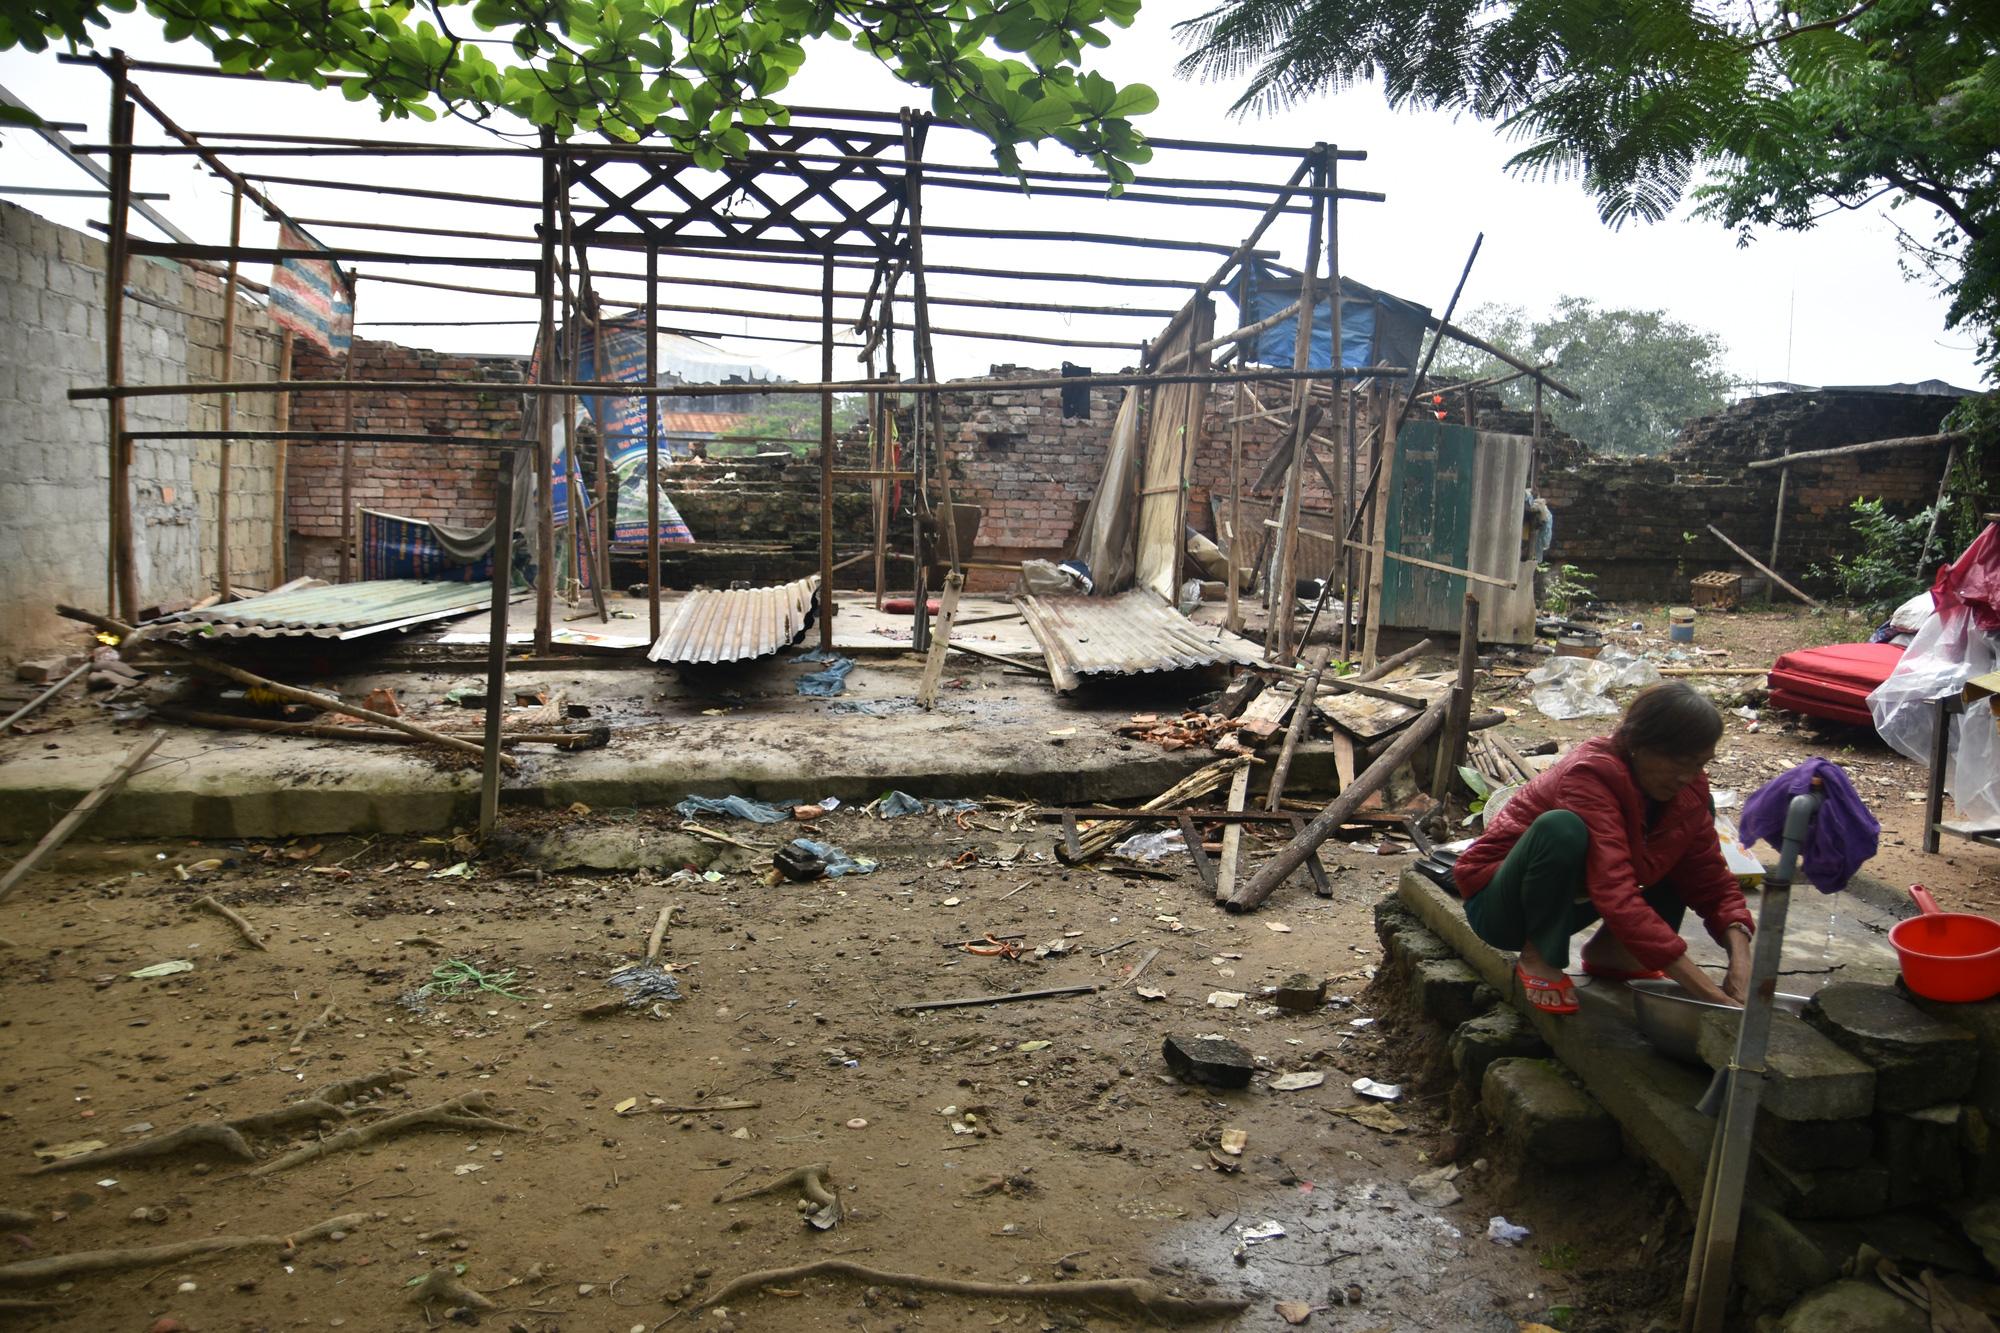 Thừa Thiên - Huế: Người dân Thượng thành tháo dỡ nhà cửa để chuẩn bị đến nơi ở mới - Ảnh 7.